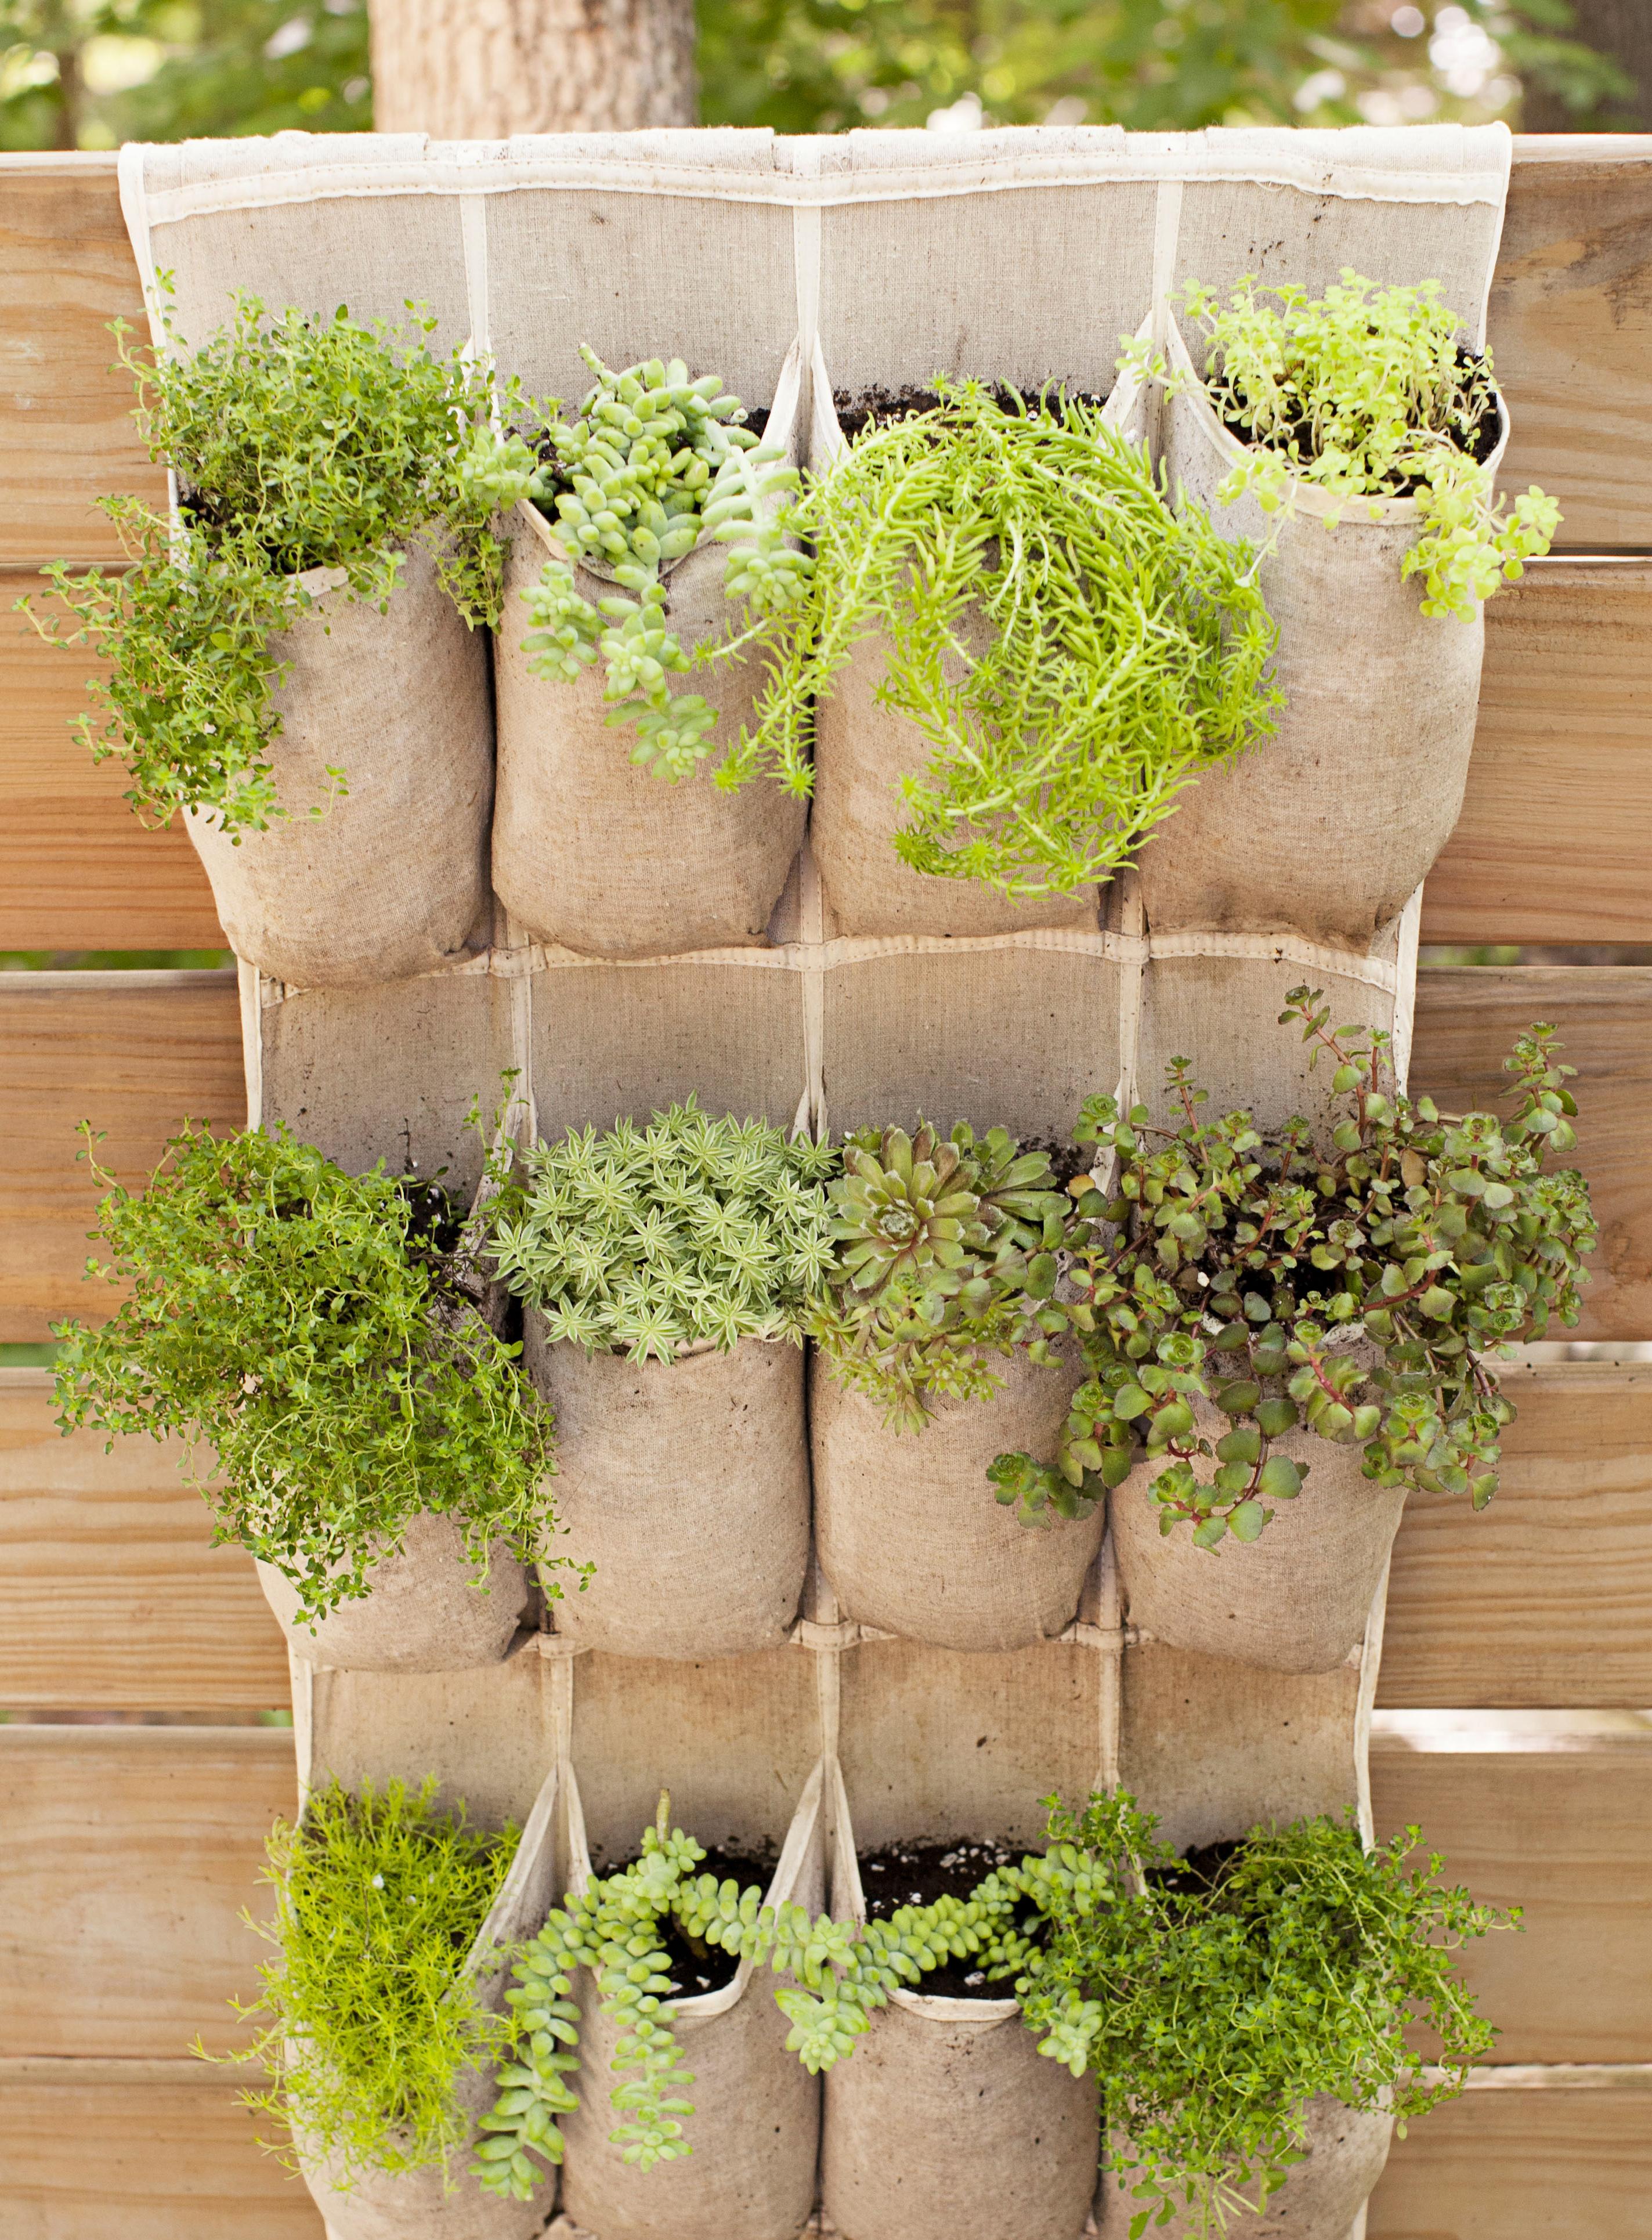 40 small garden ideas - small garden designs HPUDKJN